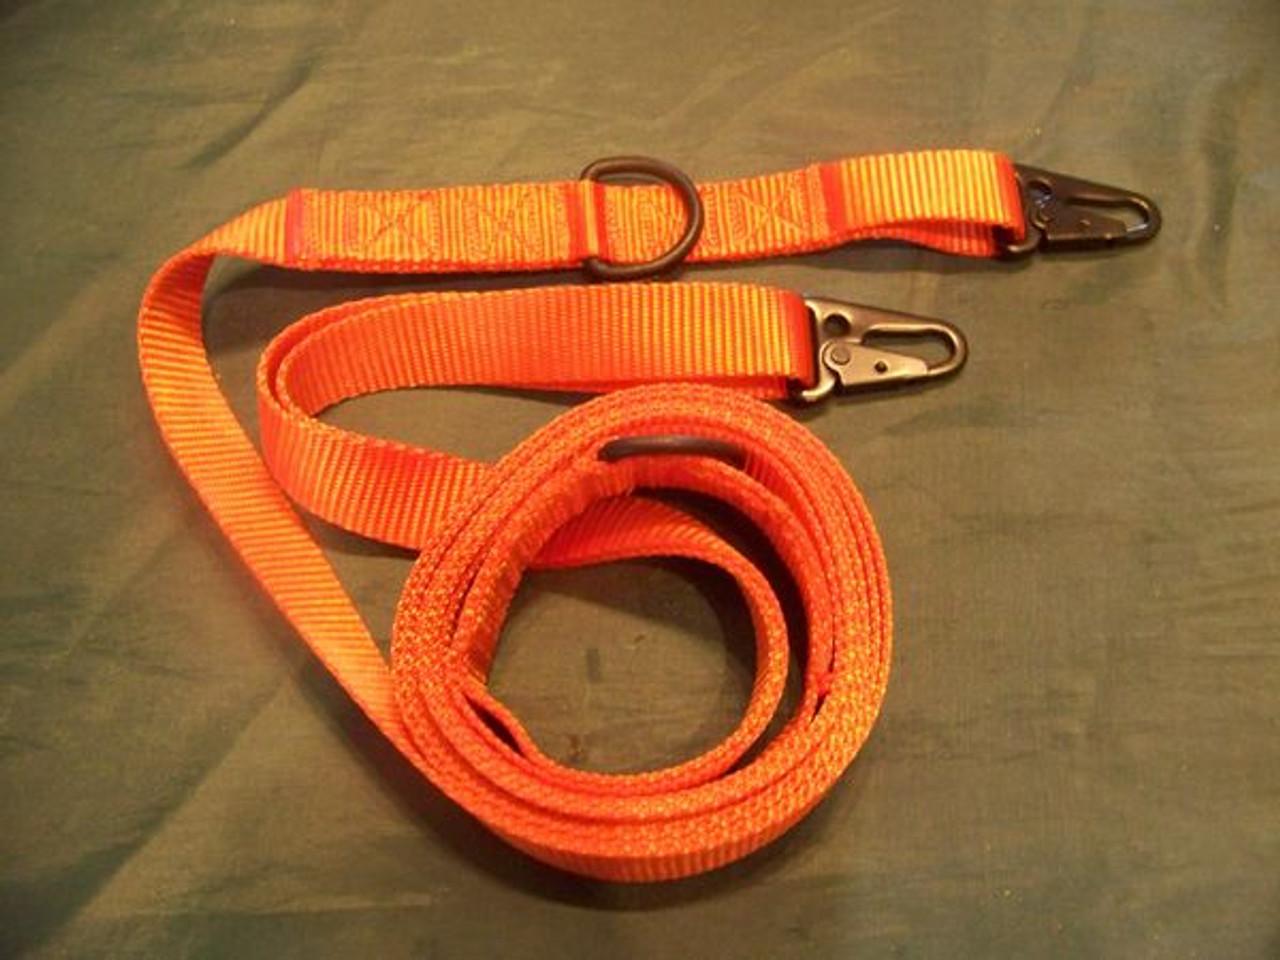 K-9 Search & Rescue Leash